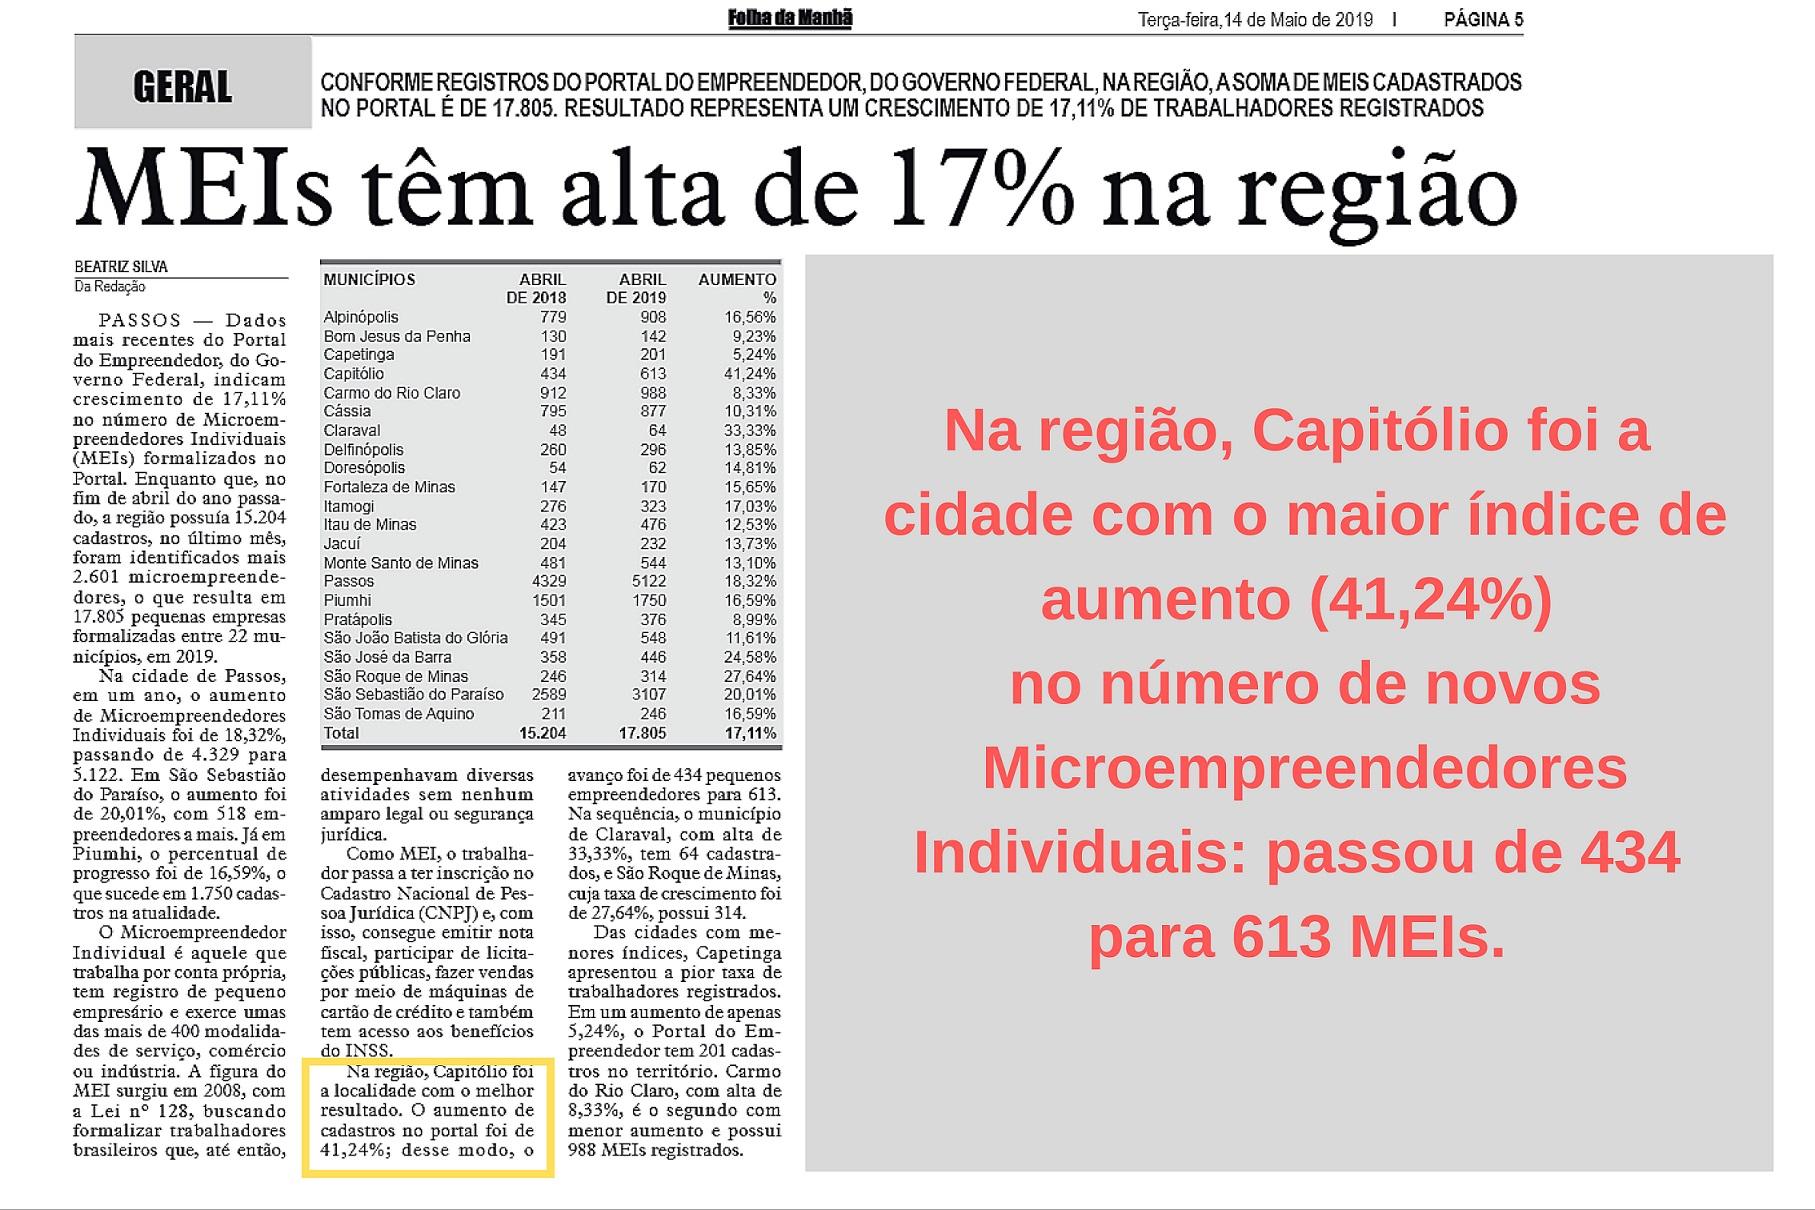 imagem notícia sobre MEIs_reduzida